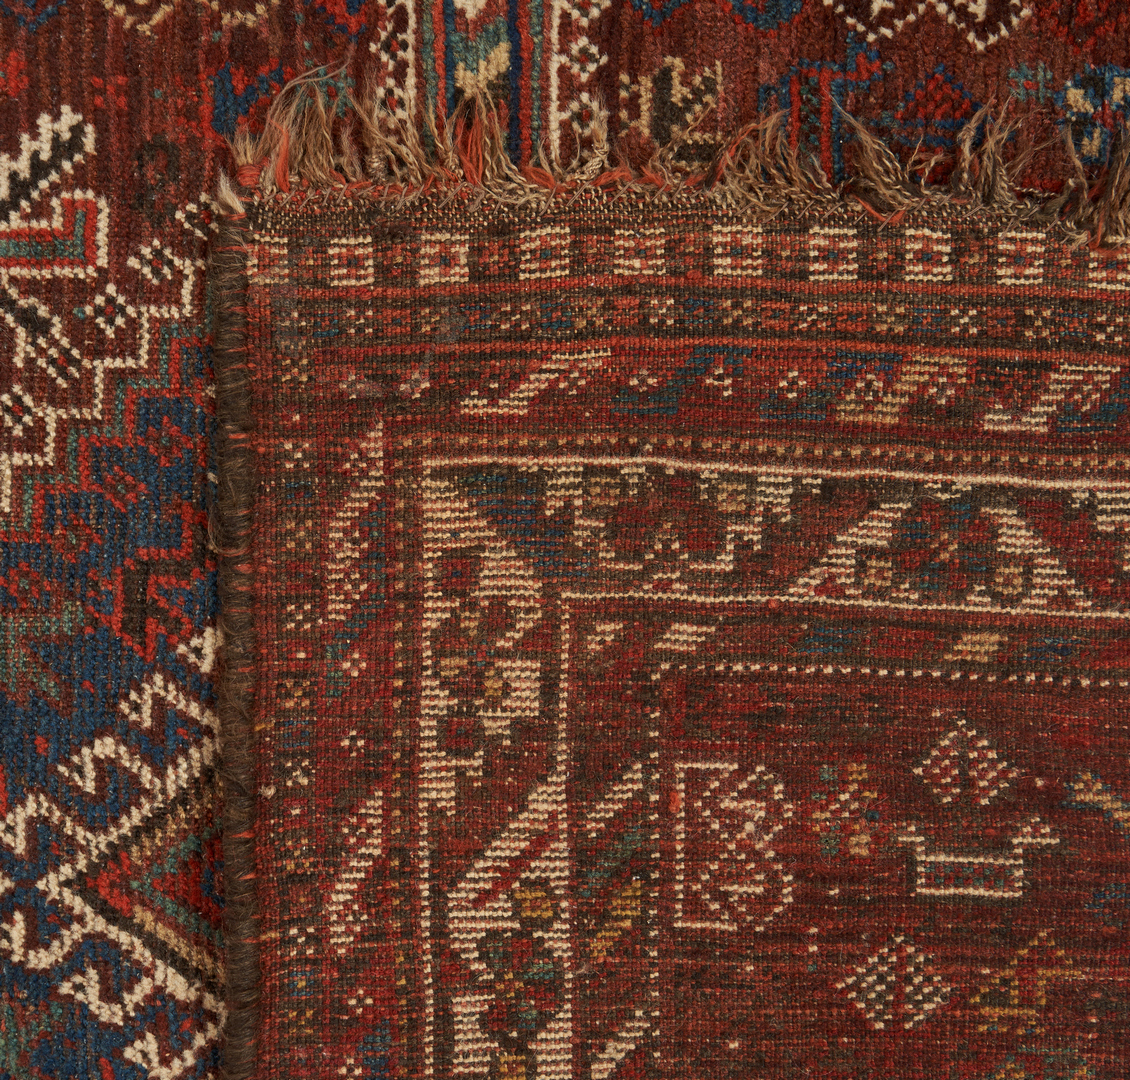 Lot 617: 2 Persian Rugs, Shiraz and Hamadan Prayer